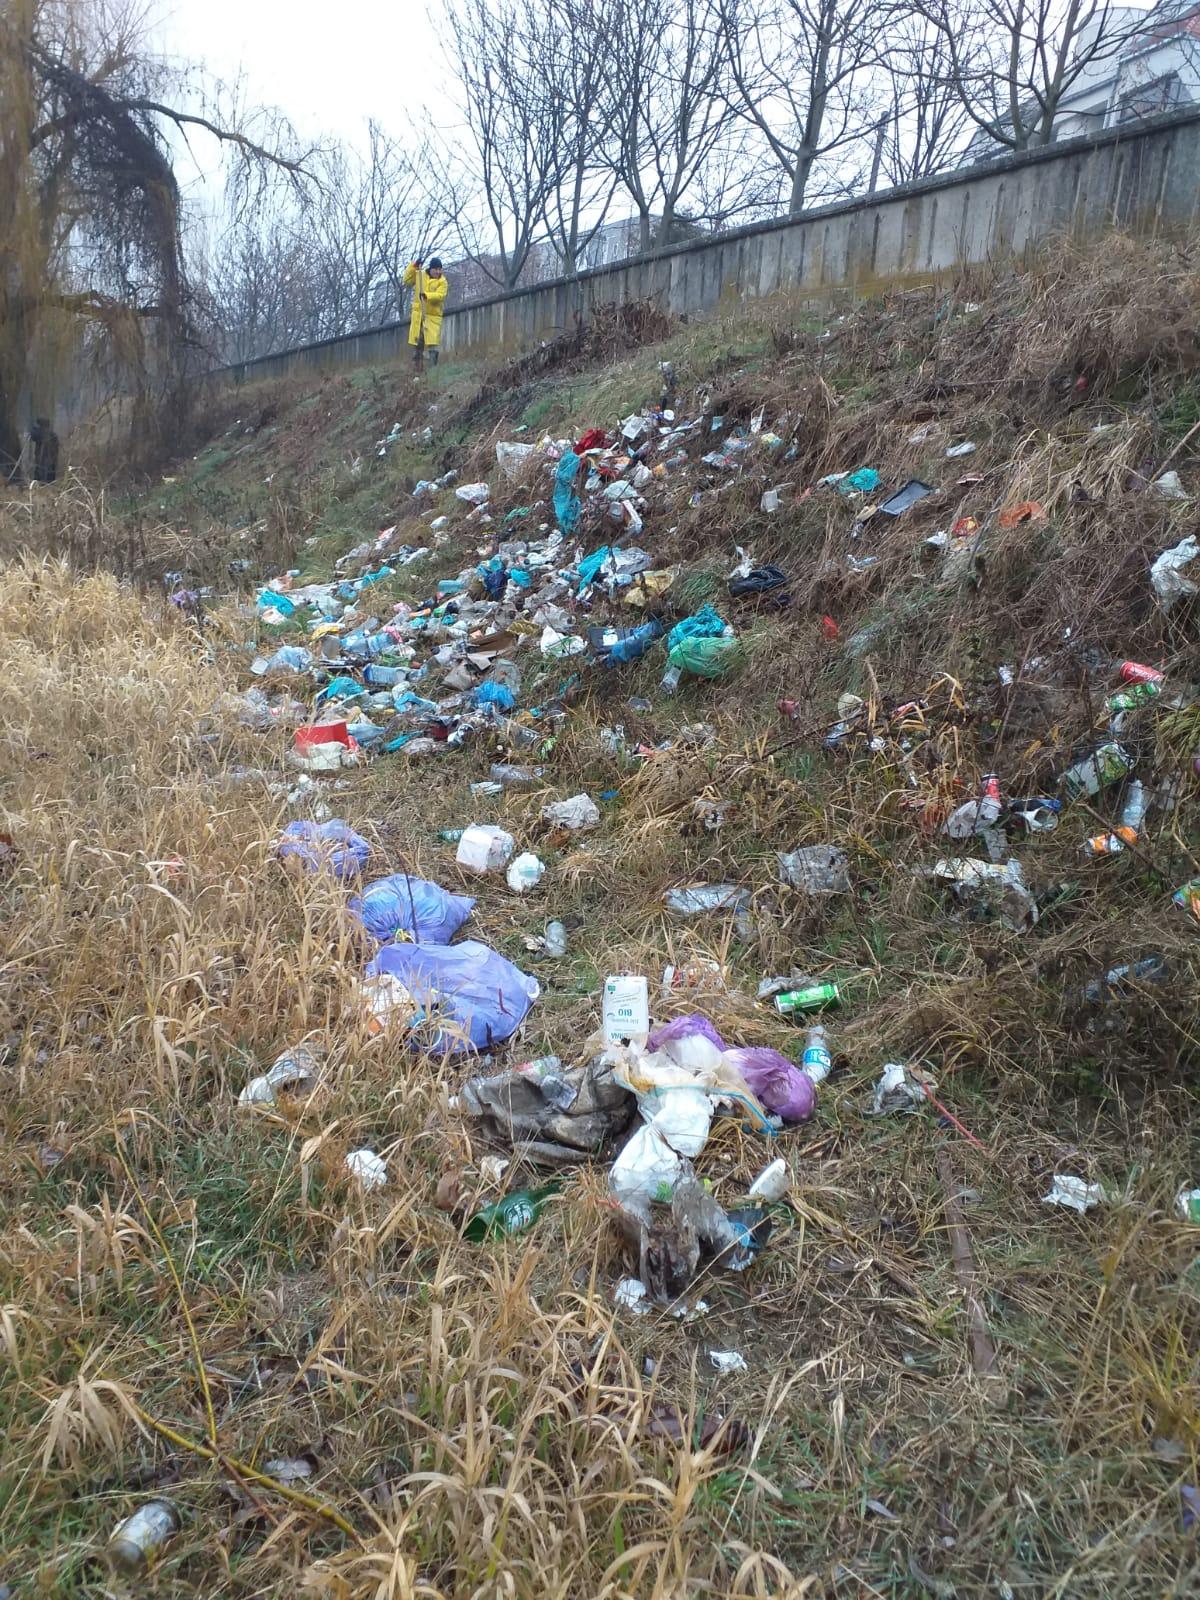 Reprezentanții ABA Banat au strâns două tone de deșeuri de pe malul Timișului🗑